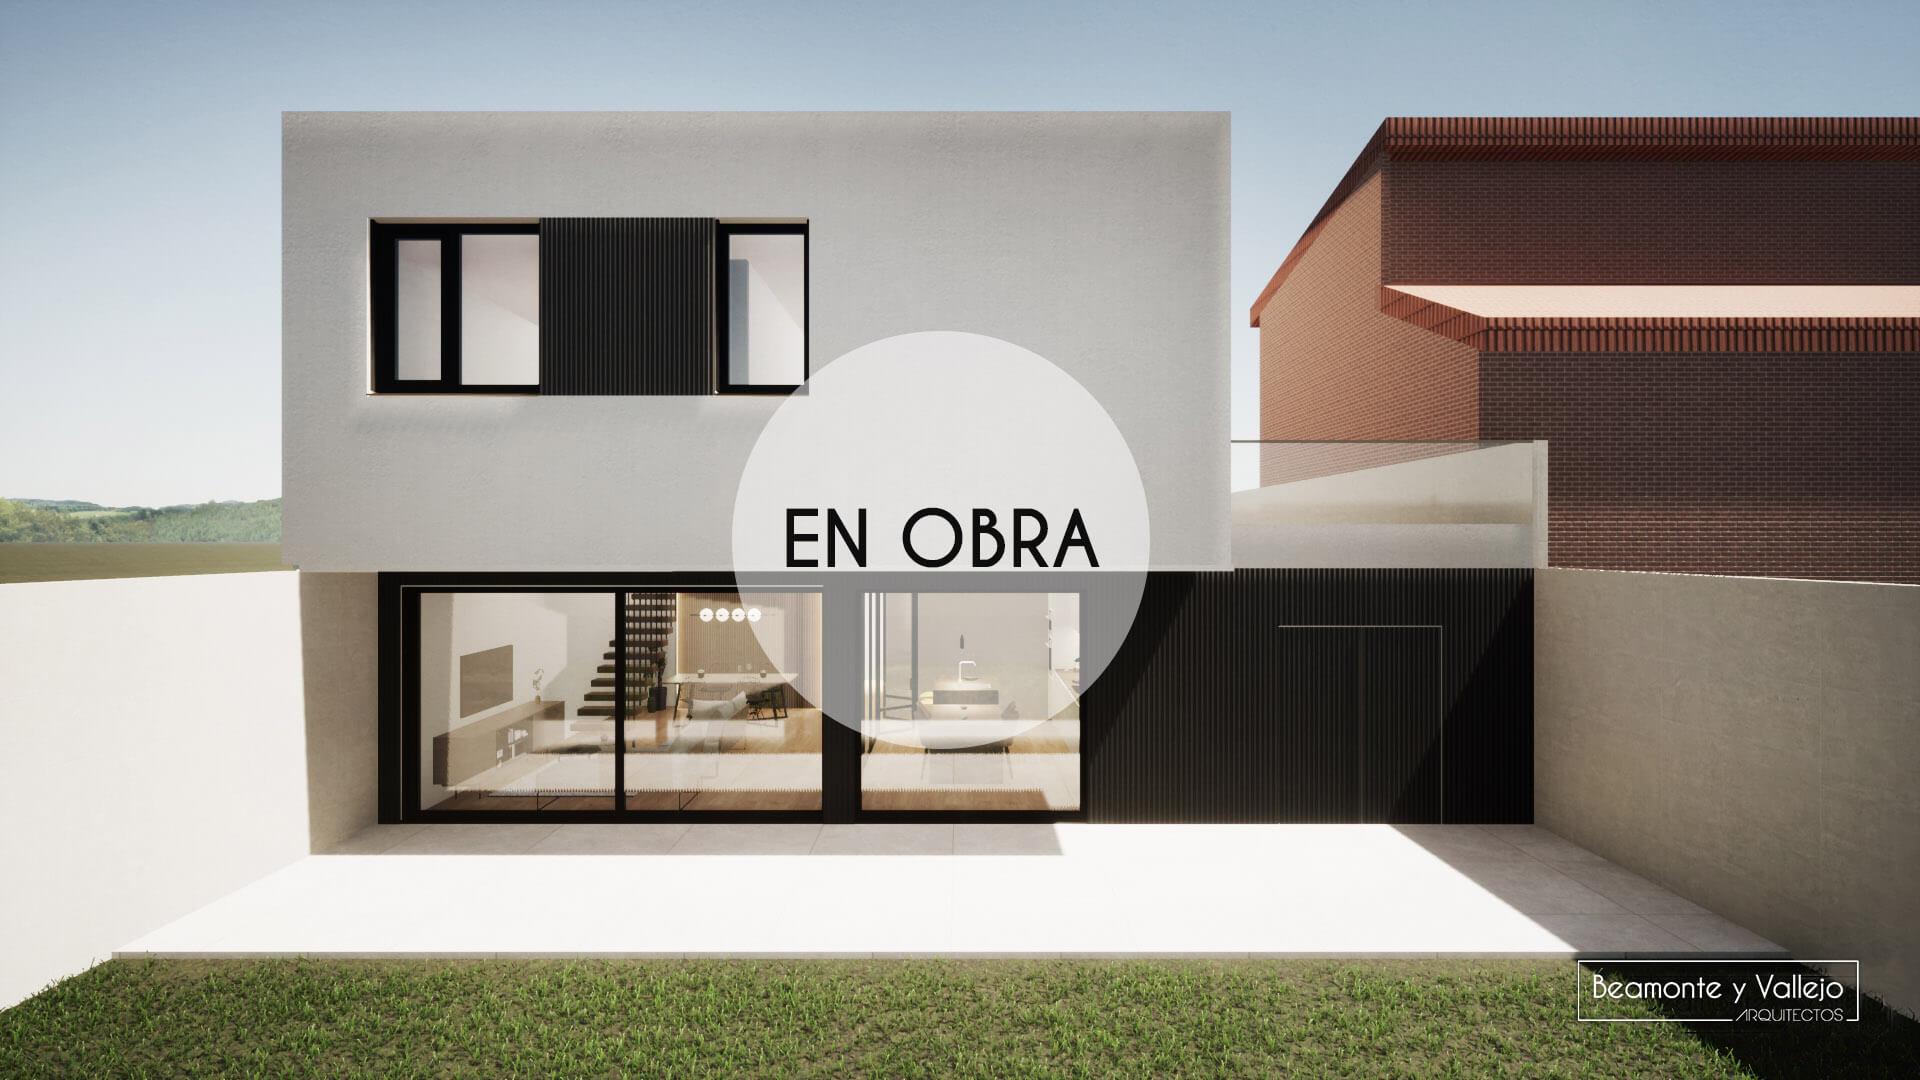 Beamonte y Vallejo arquitectos - Passivhaus Ejea en obra - 1